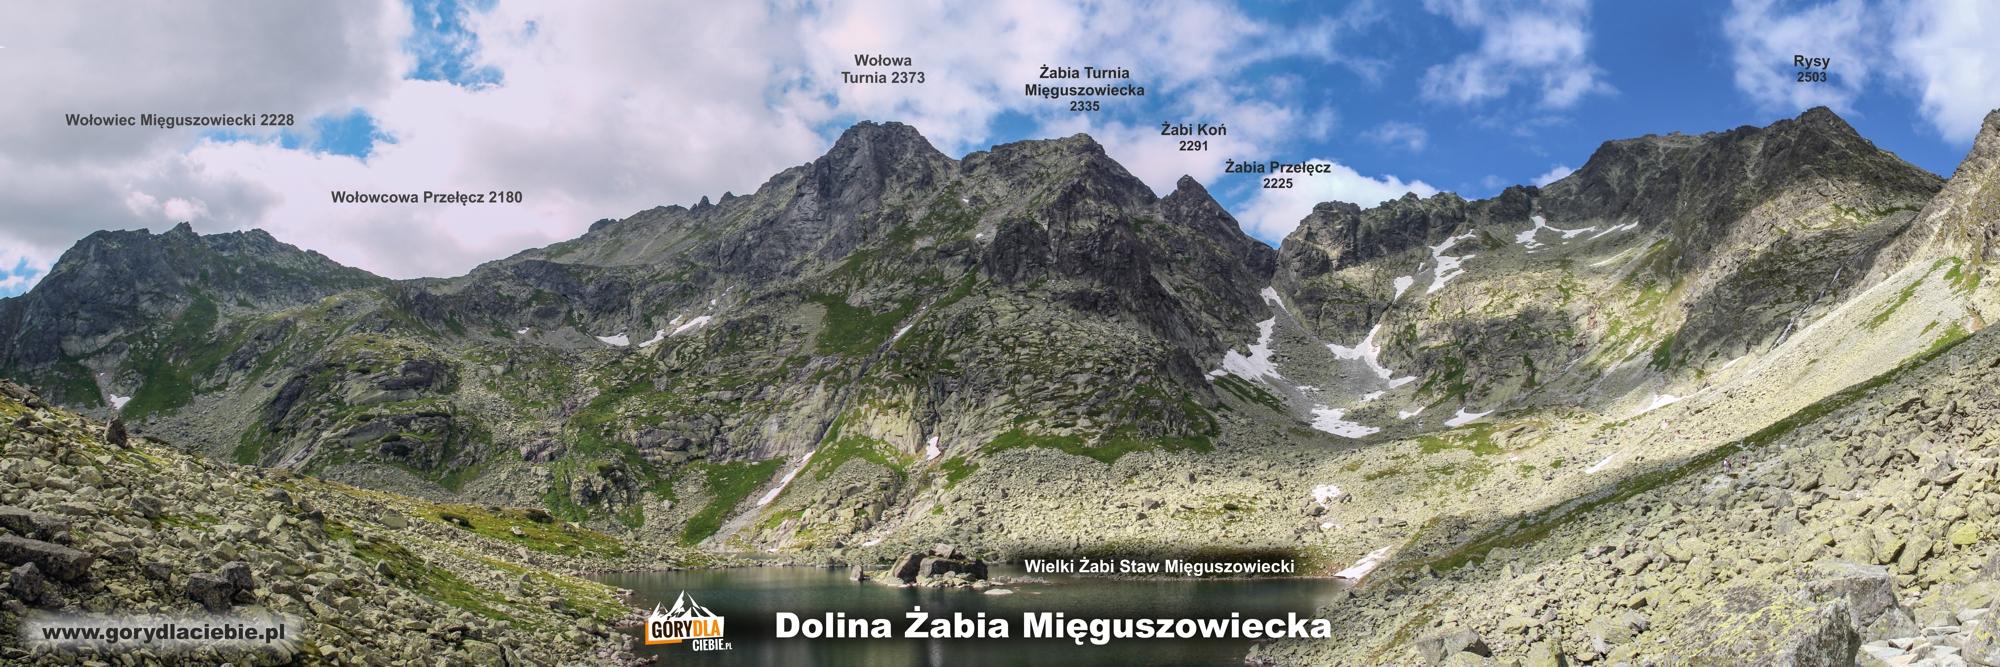 Otoczenie Doliny Żabiej Mięguszowieckiej